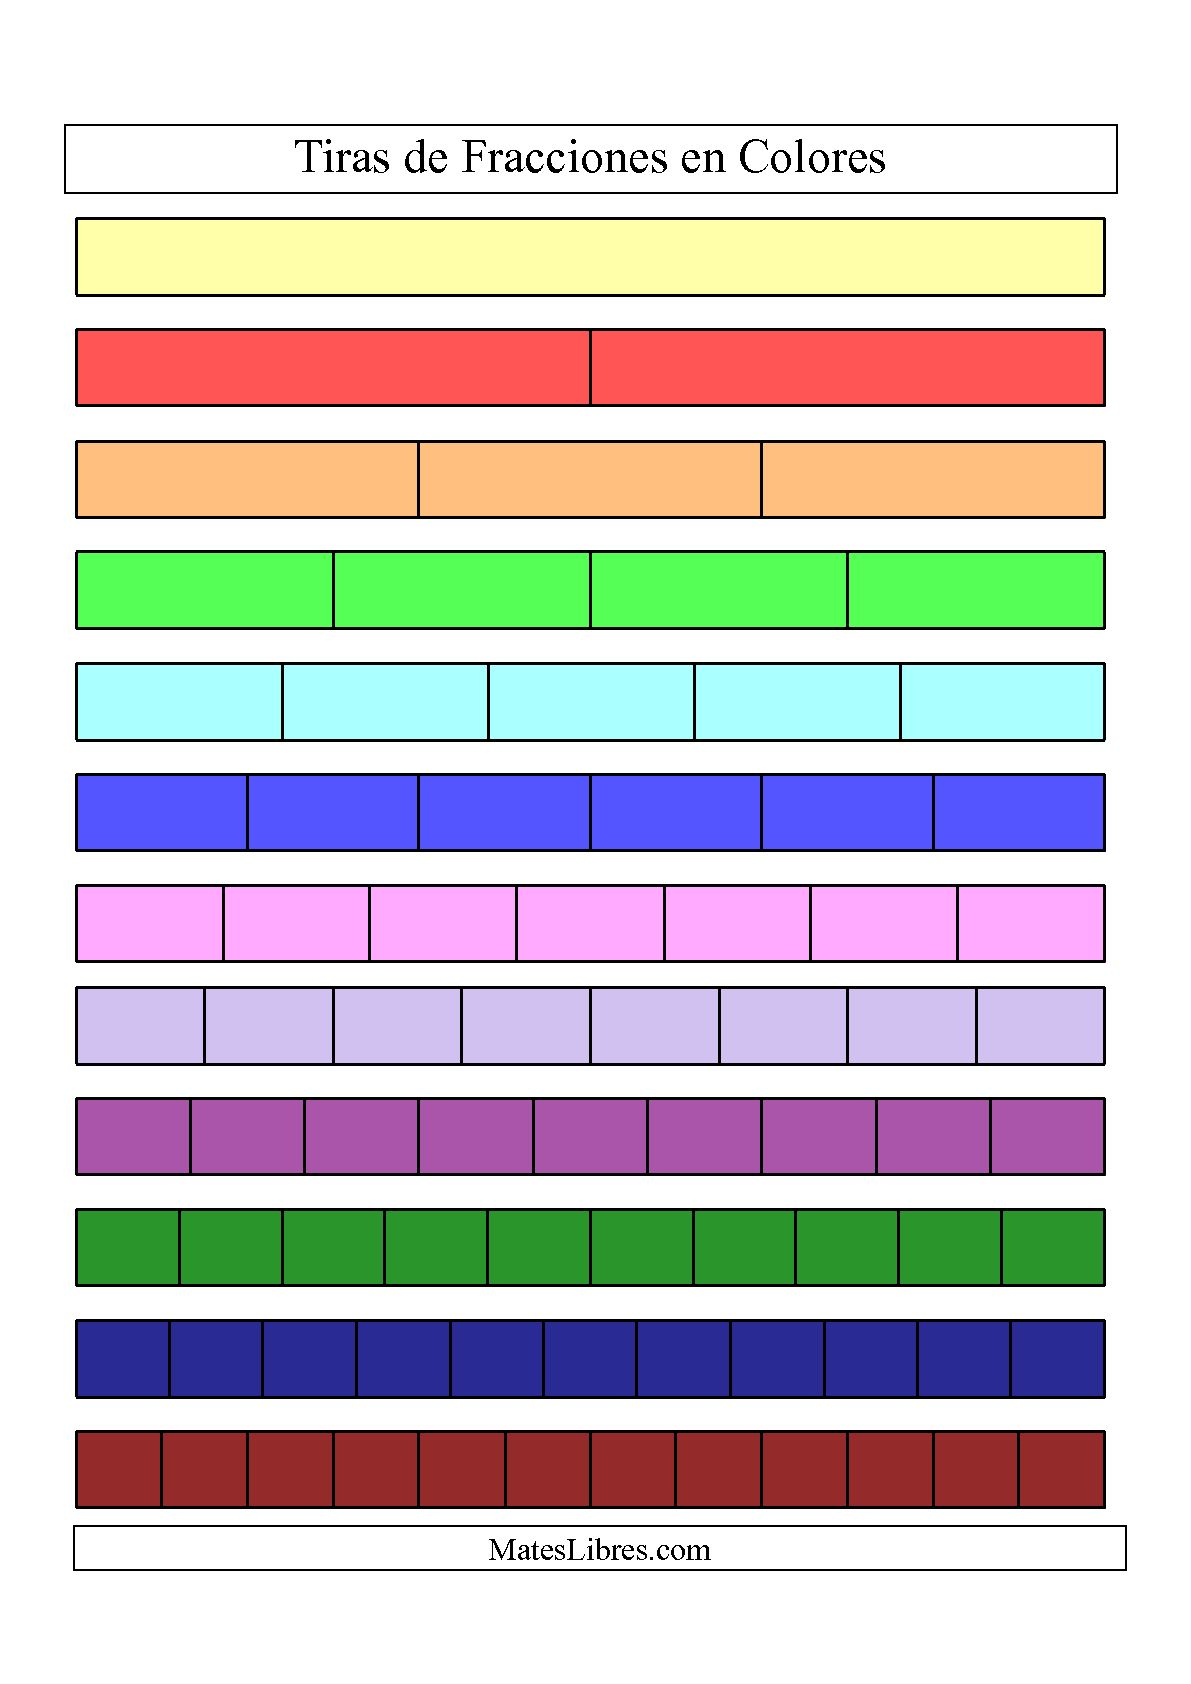 La Tiras de Fracciones a Color Hoja de Ejercicio de Fracciones